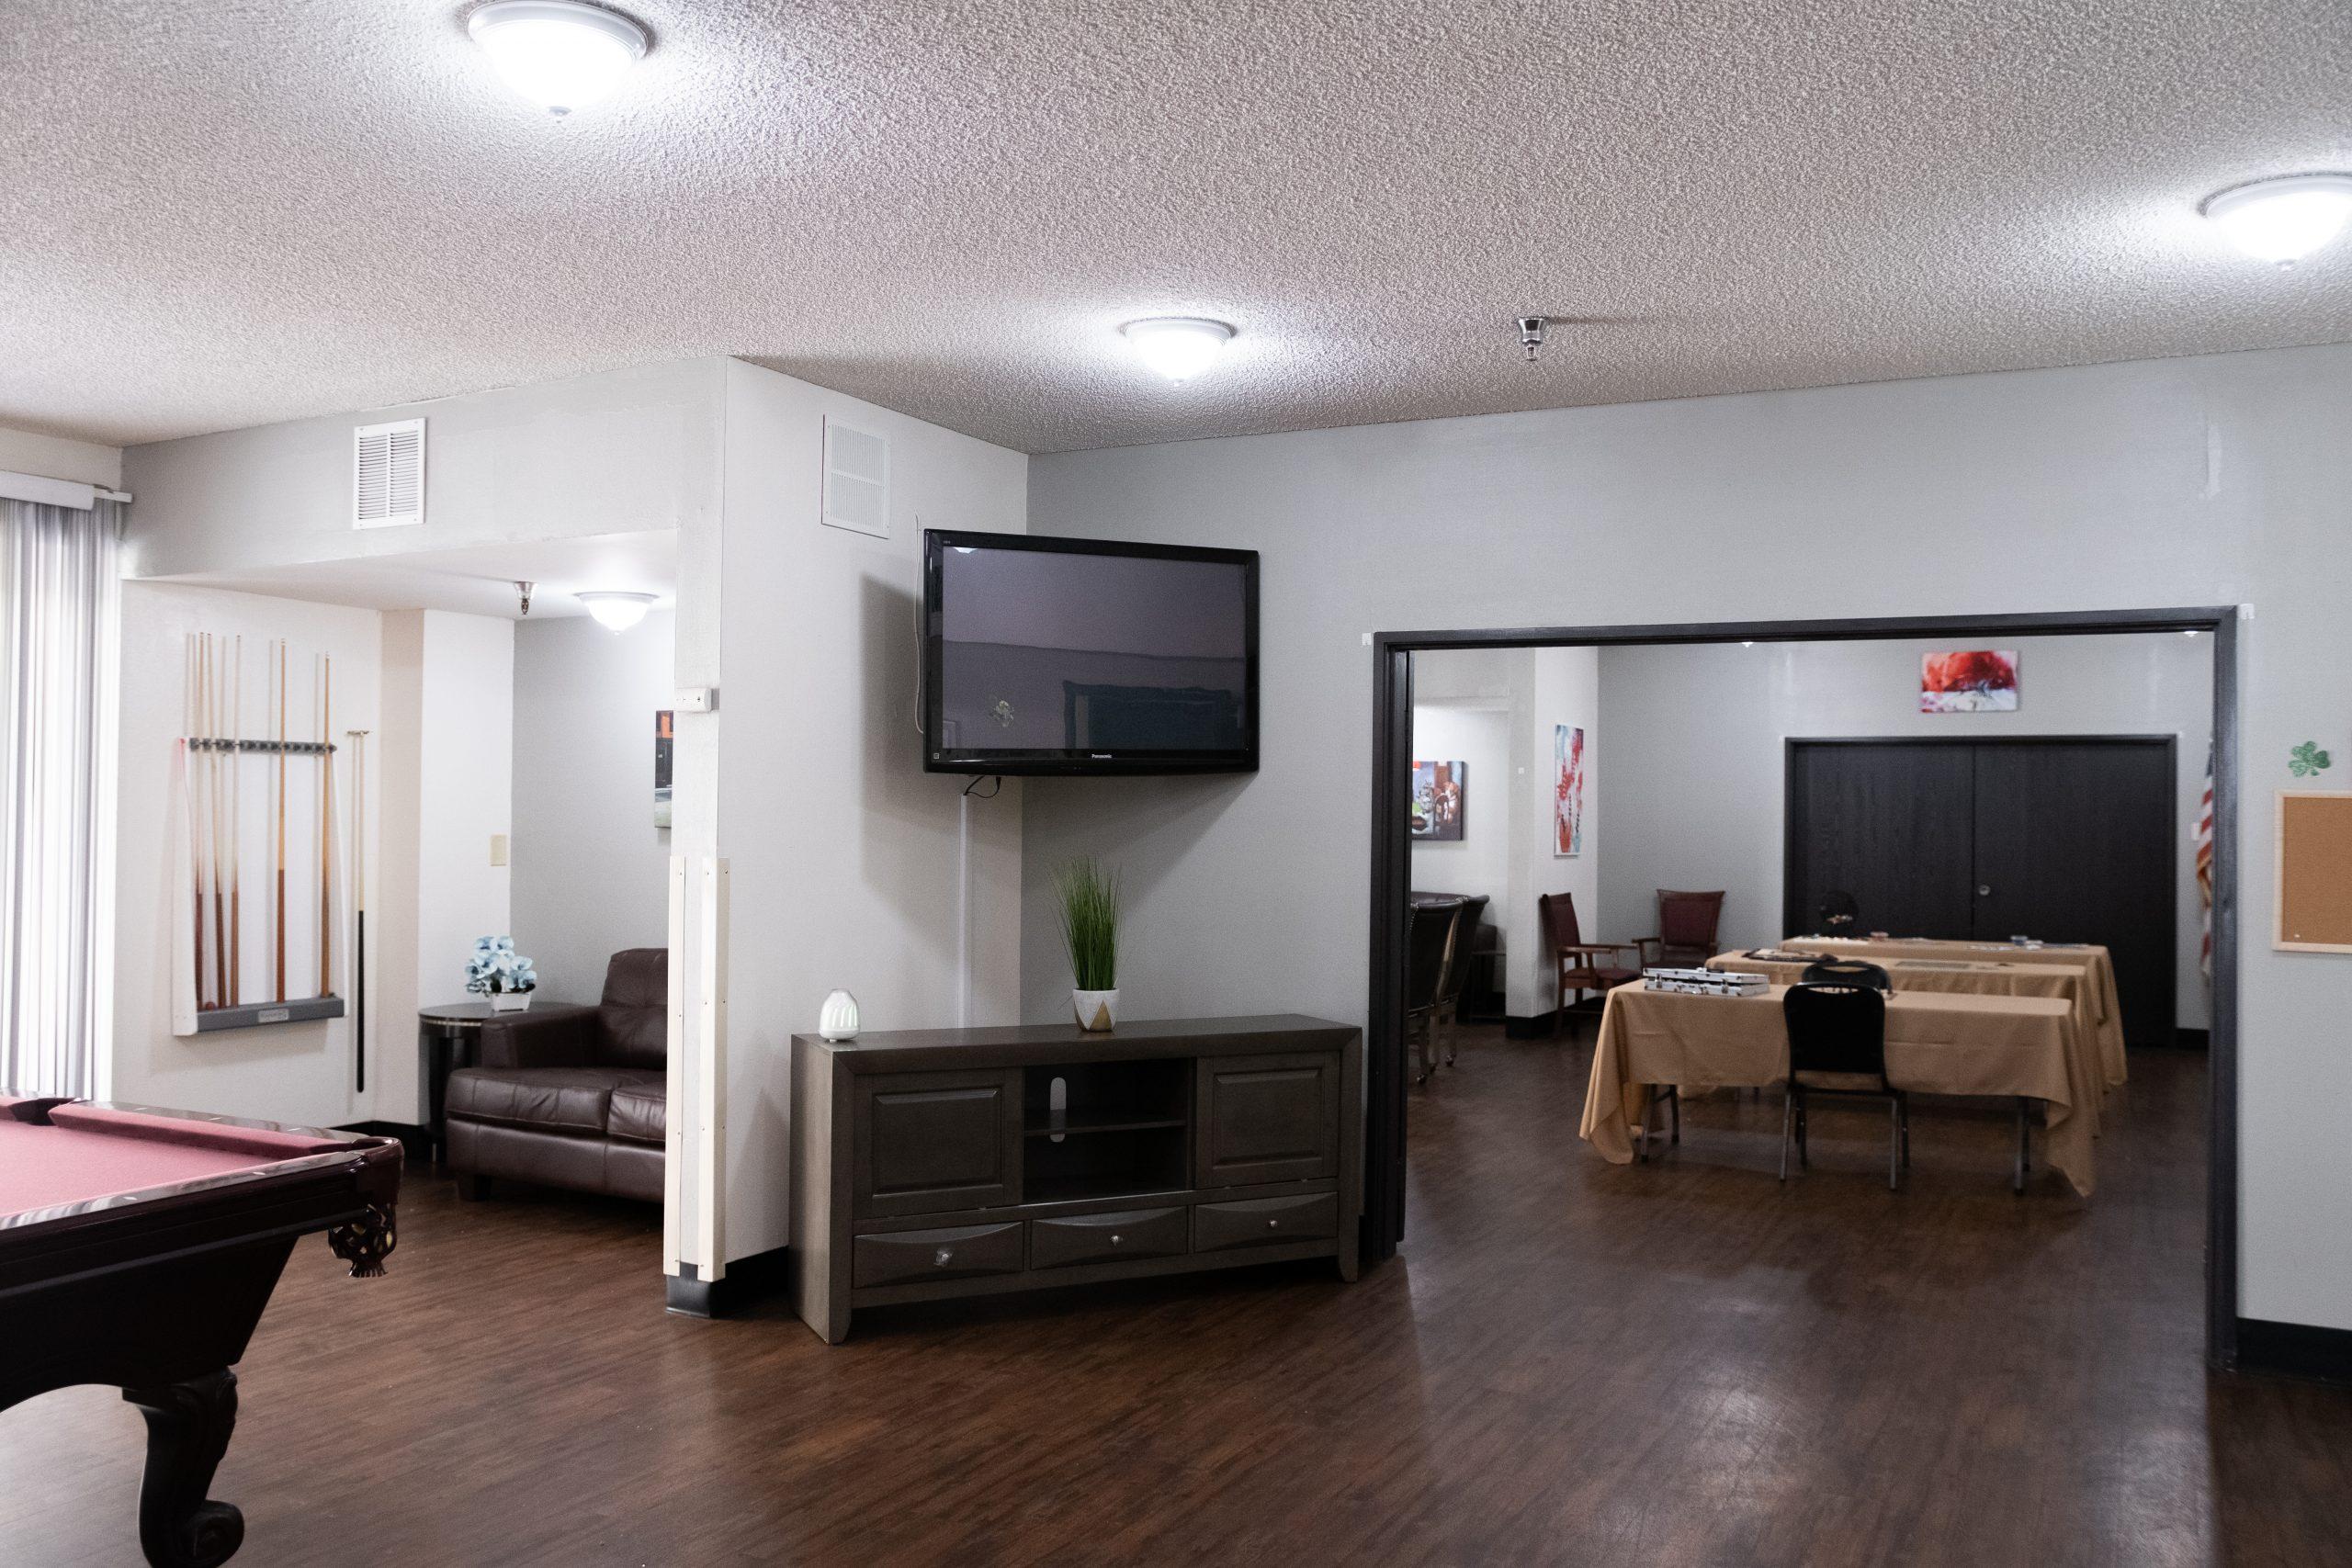 activities-rooms-lounges-DSCF1796